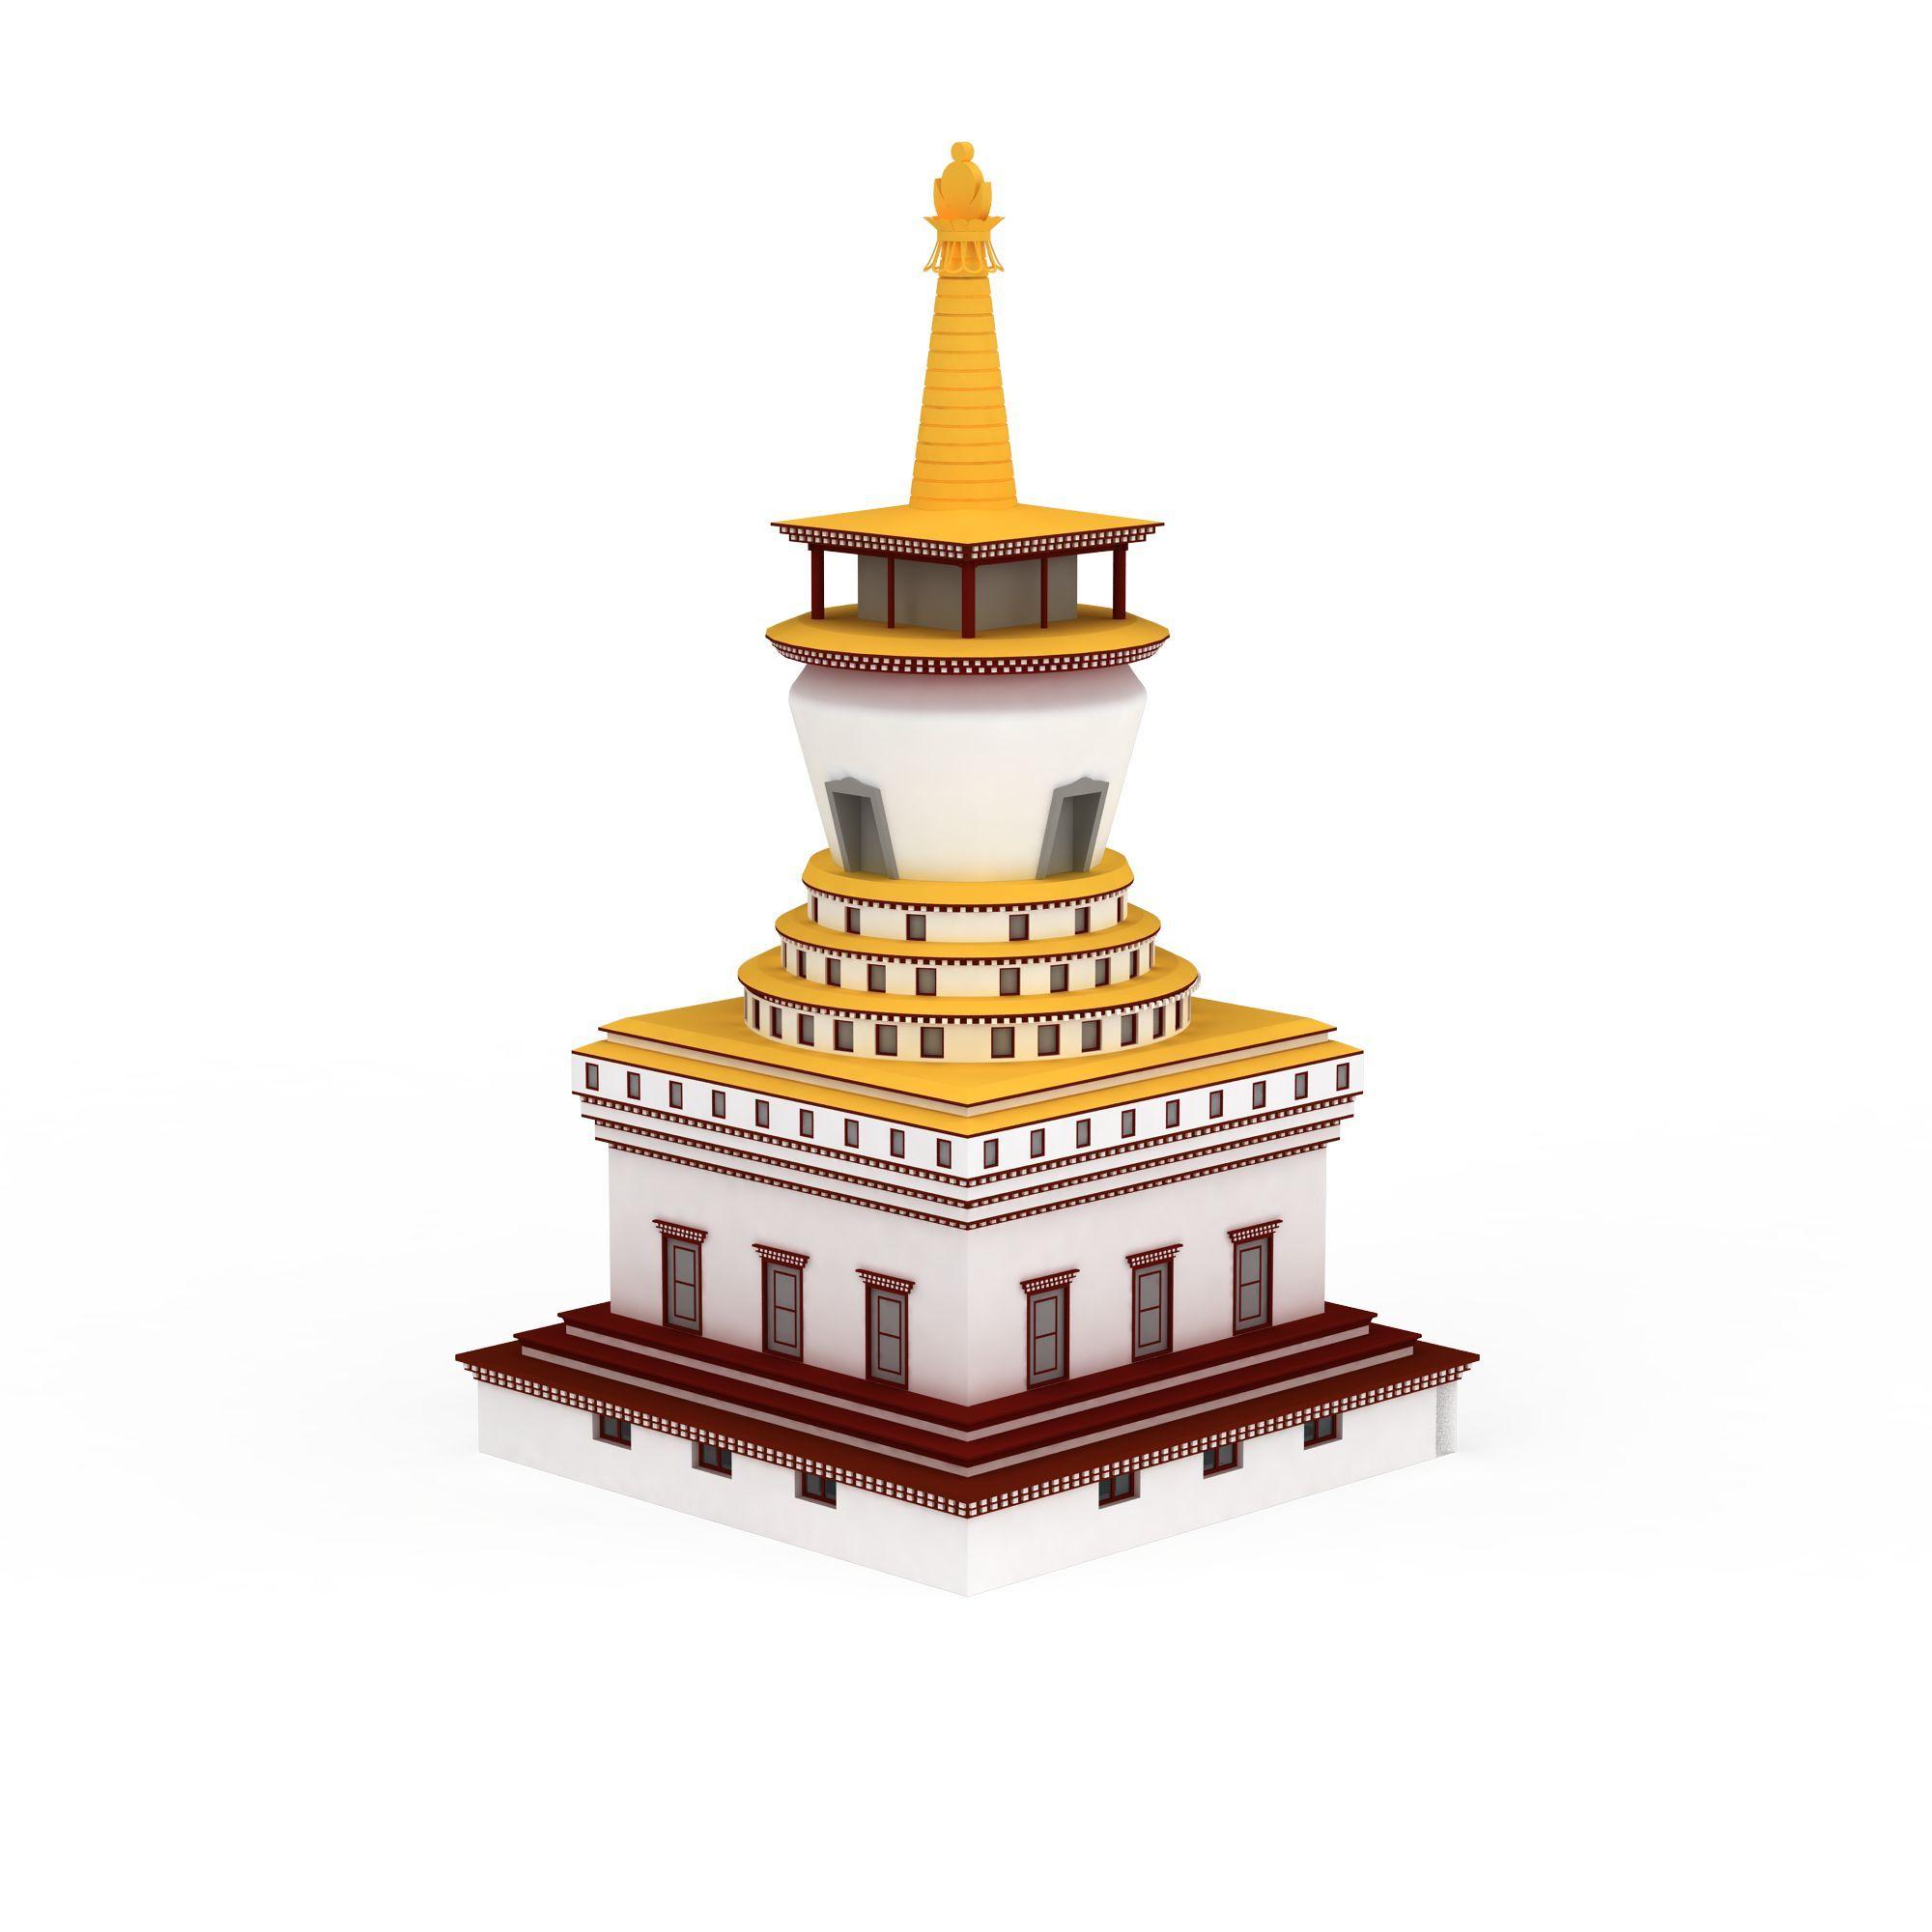 格式 png 风格 现代 上传时间 2016/03/21  关键词:藏式塔 喇嘛庙图片